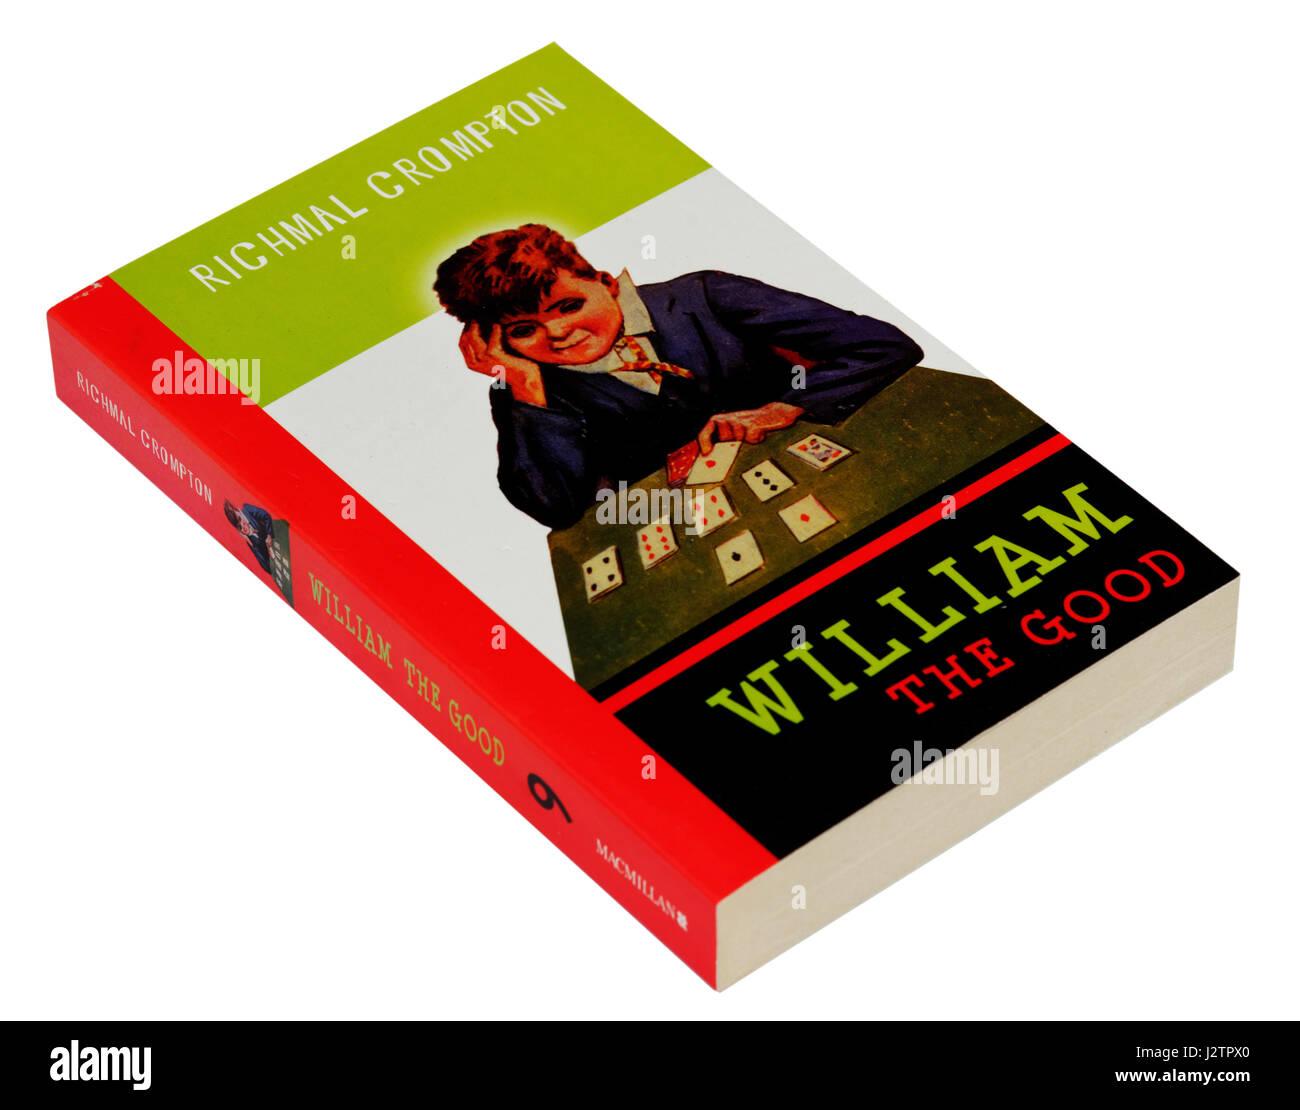 William la buena por Richmal Crompton Imagen De Stock